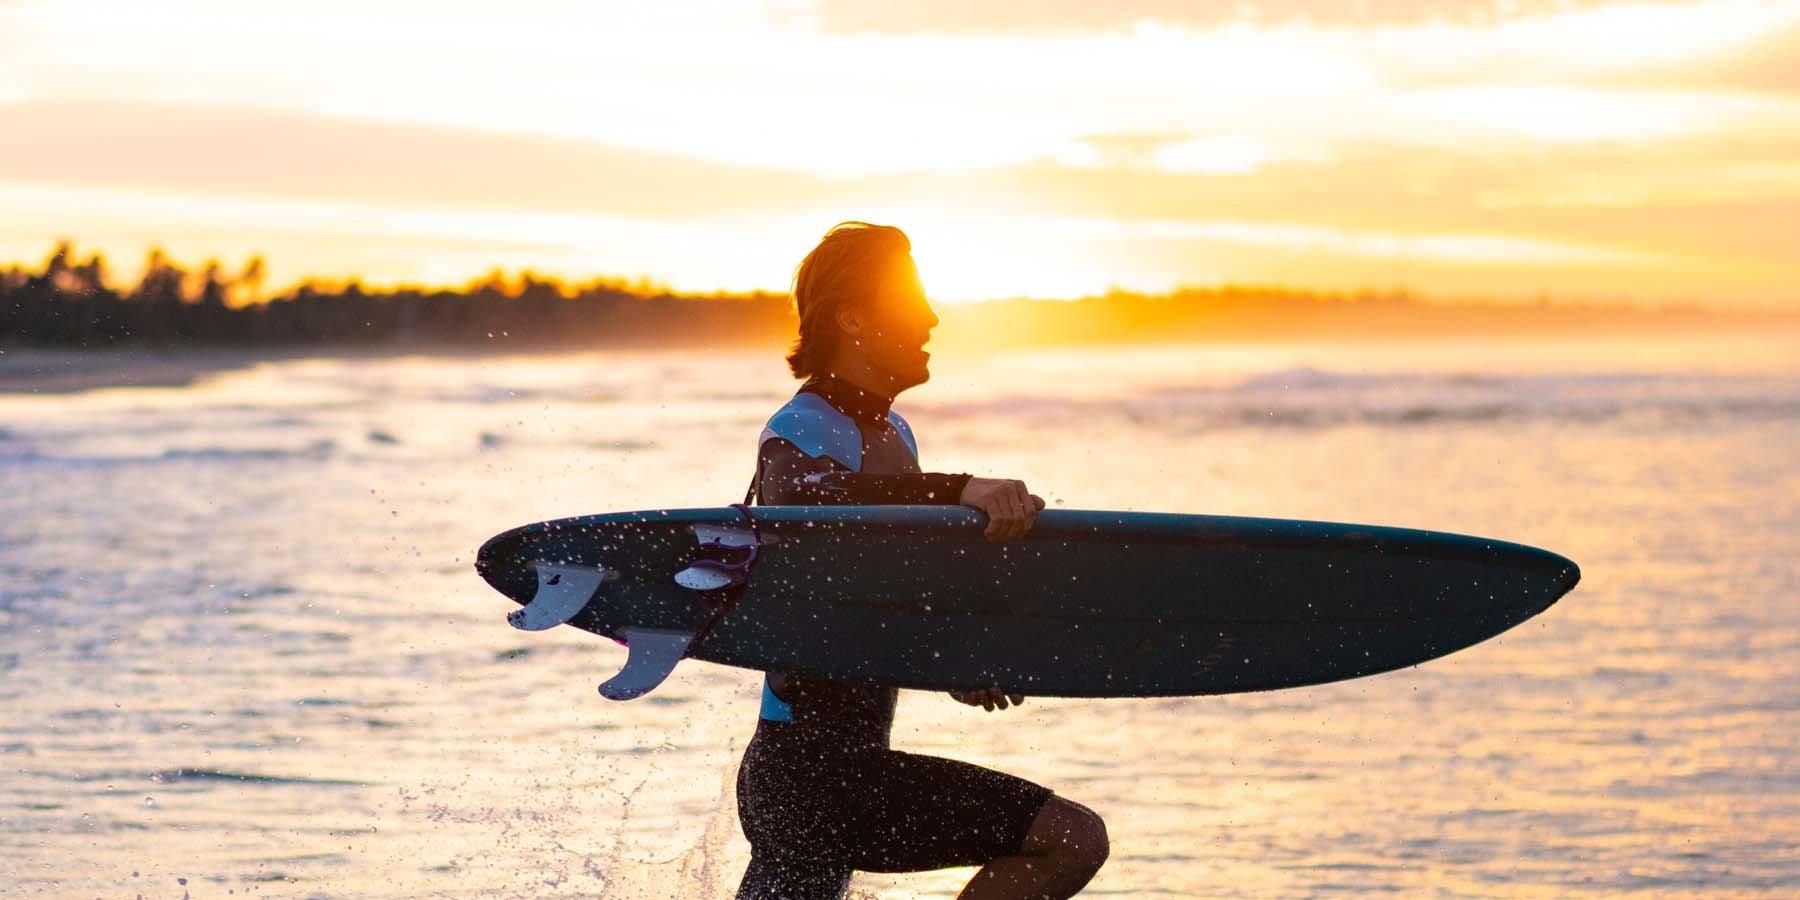 Surf Board Run